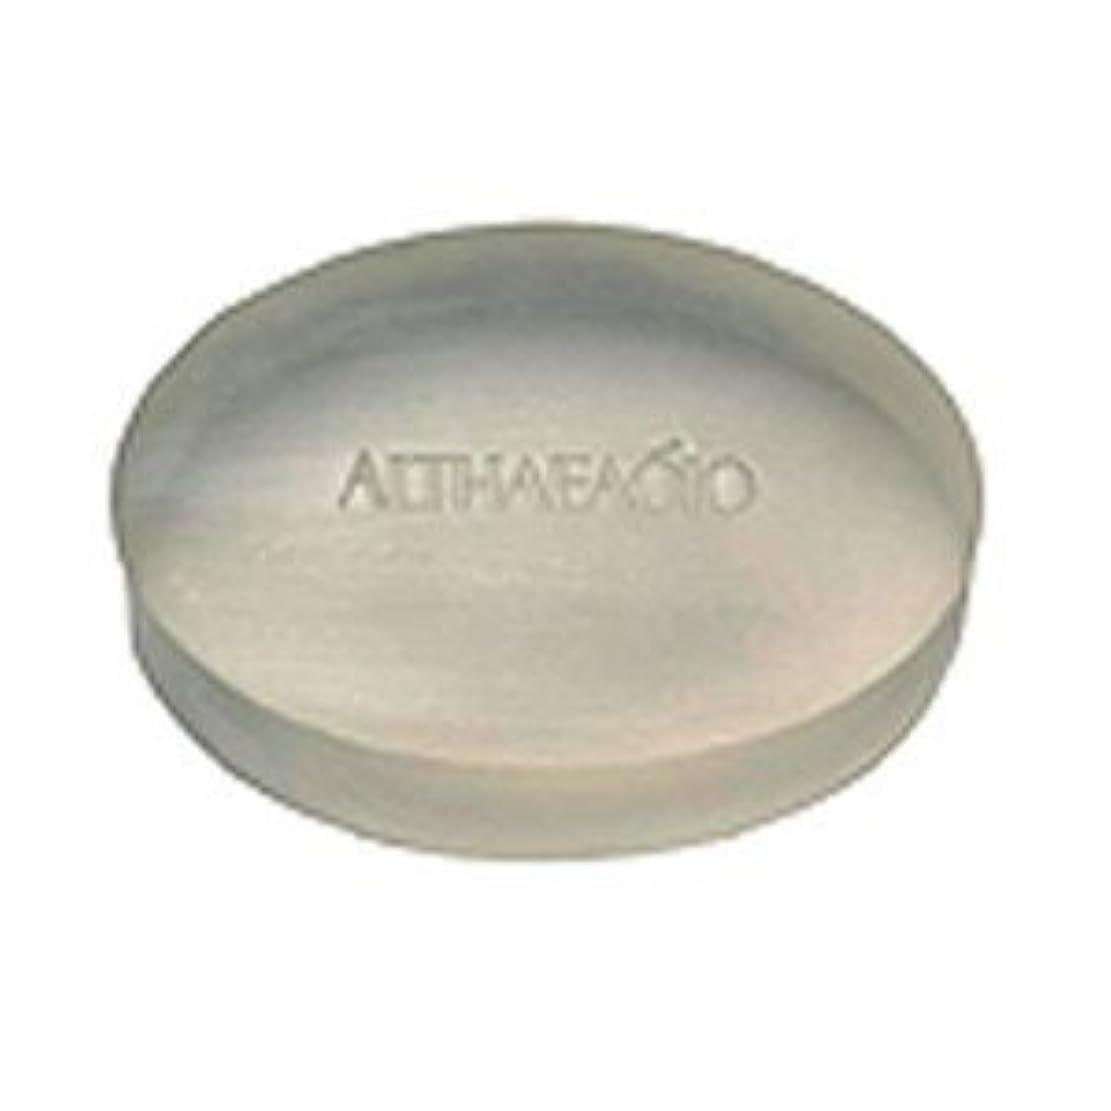 ペレグリネーションヒープ練るセプテム エルテオ ソープ レフィル 100g 薬用洗顔石けん